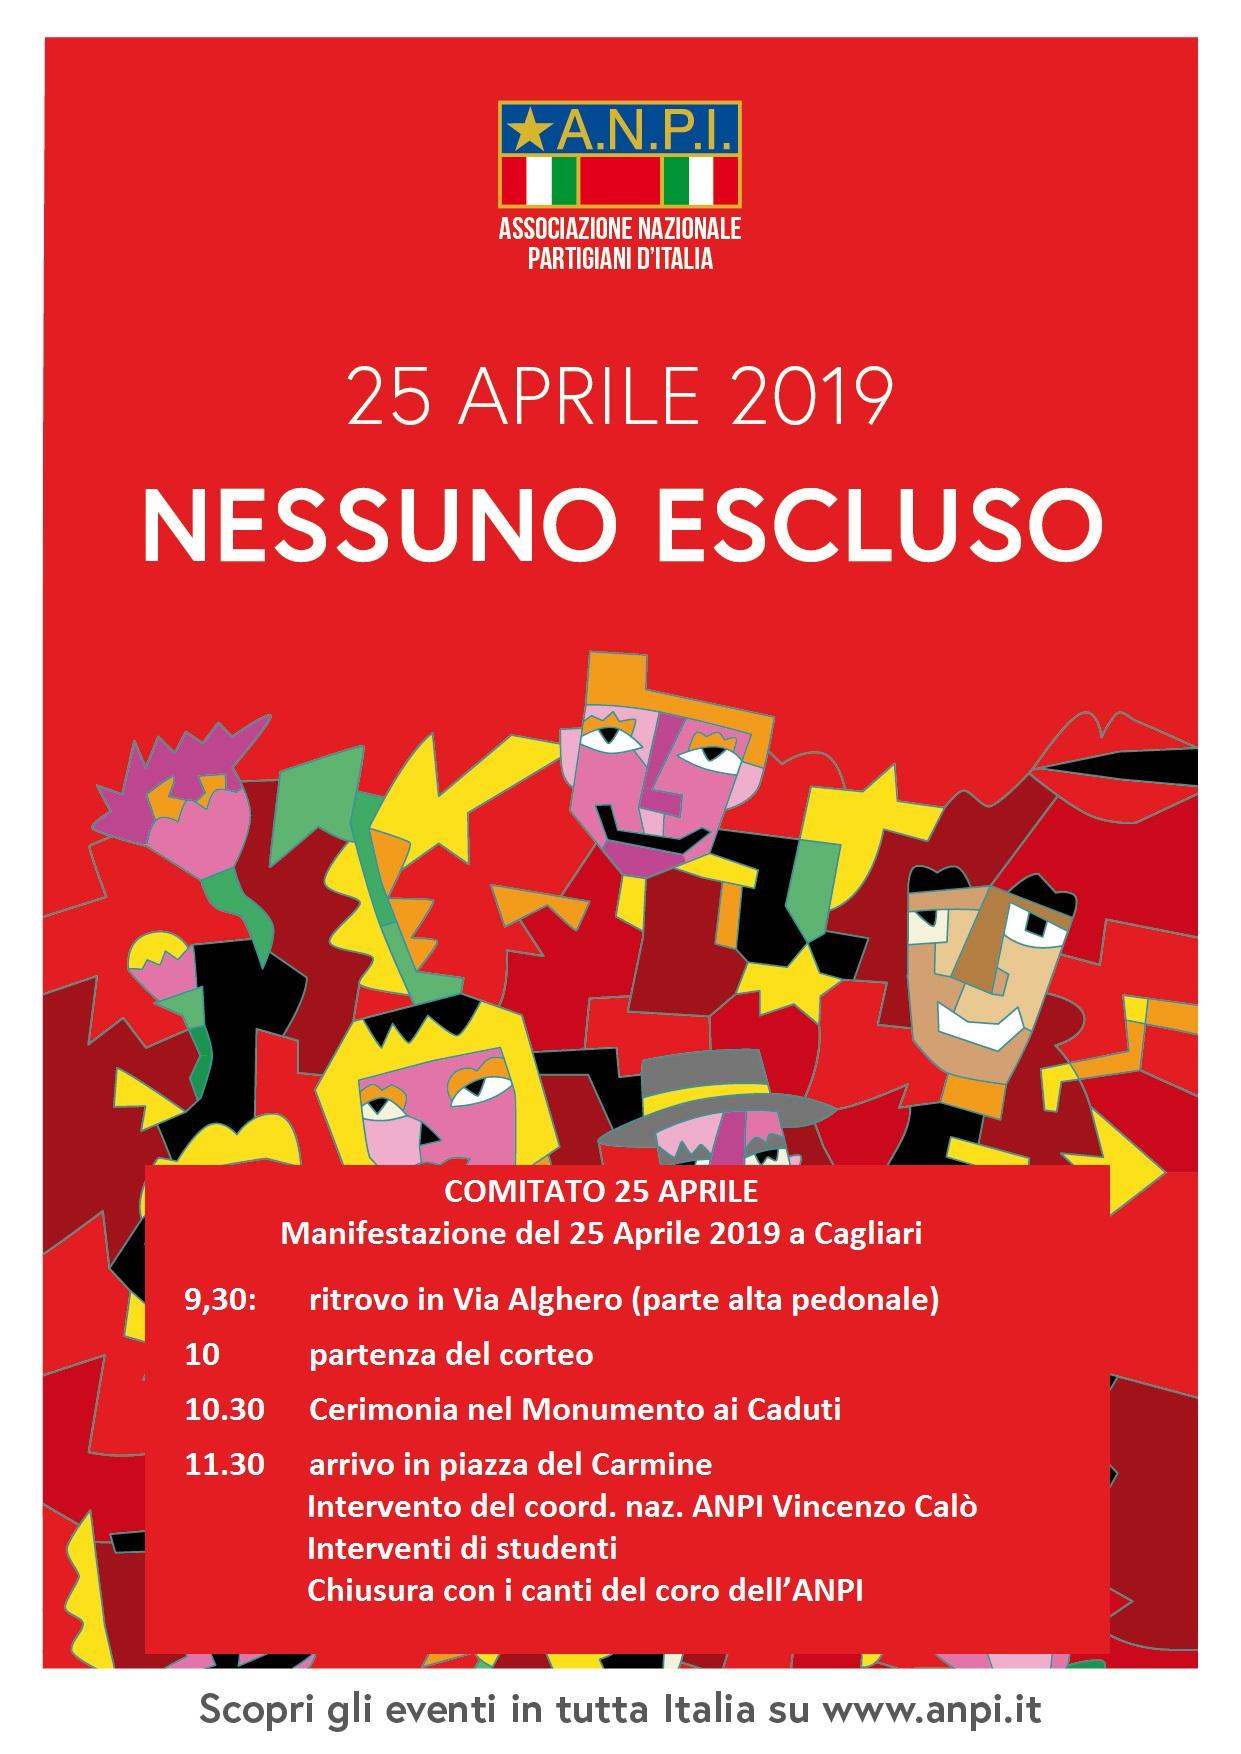 19-04-25-manifesto-anpi-con-orari-ca-def